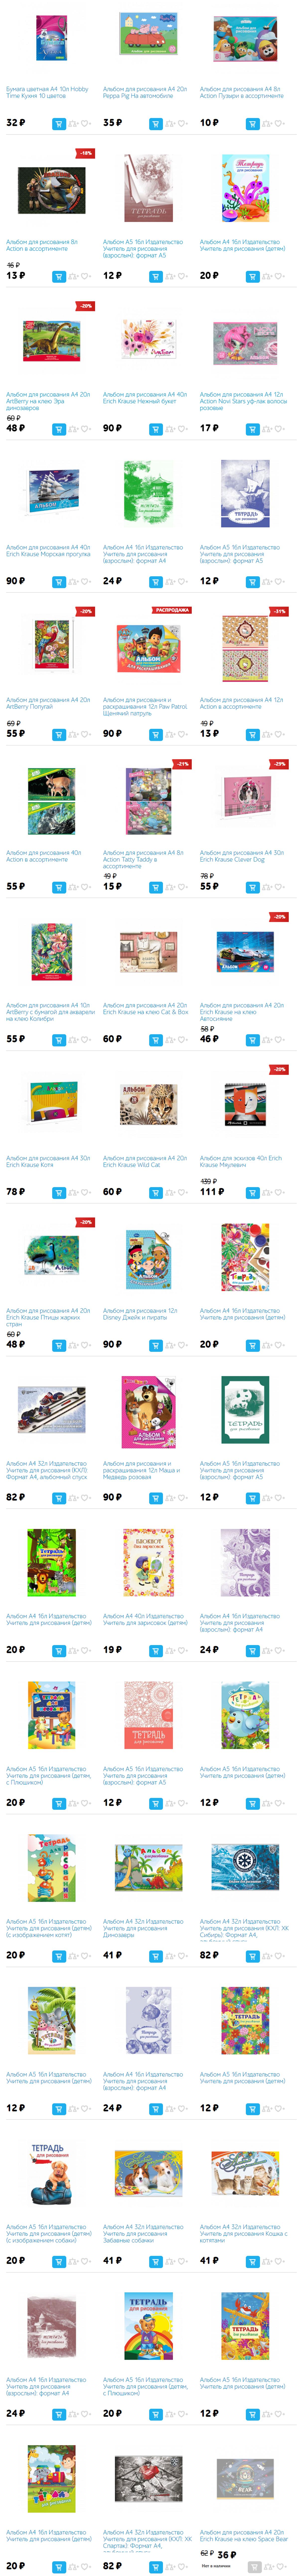 Альбомы и бумага для рисования в каталоге Дочки-Сыночки Апатиты